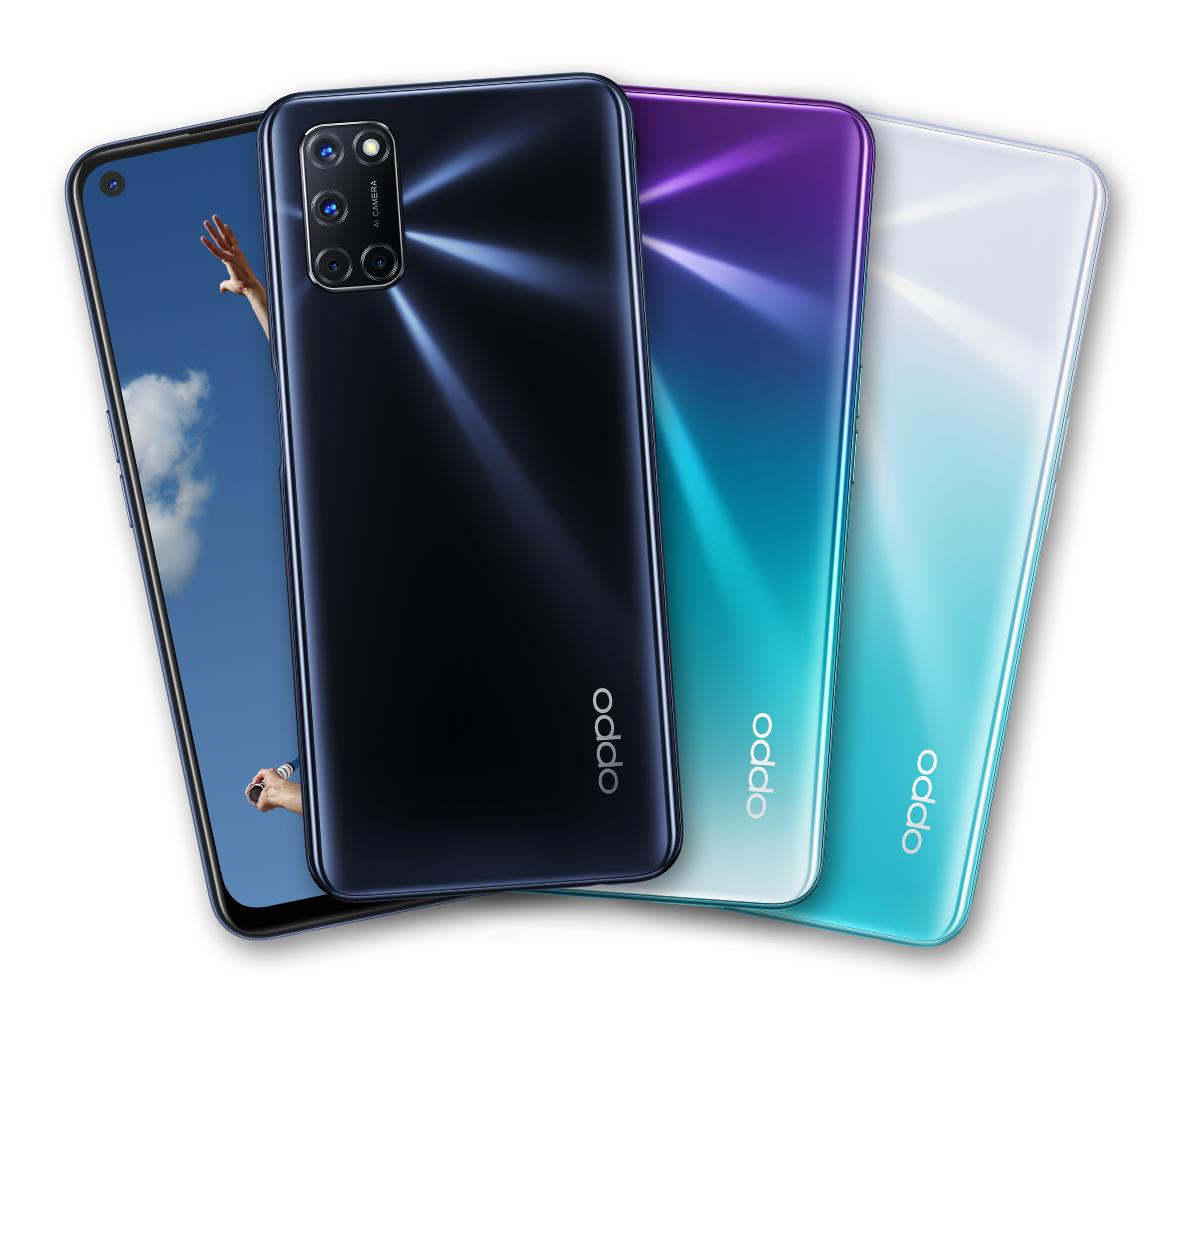 OPPO تطلق هاتف OPPO A92 في مصر وتزدهر مرةً أخرى بابتكار تكنولوجي جديد OPPOتفوز بجائزة ومسابقةA'Designعن OPPO Enco W31